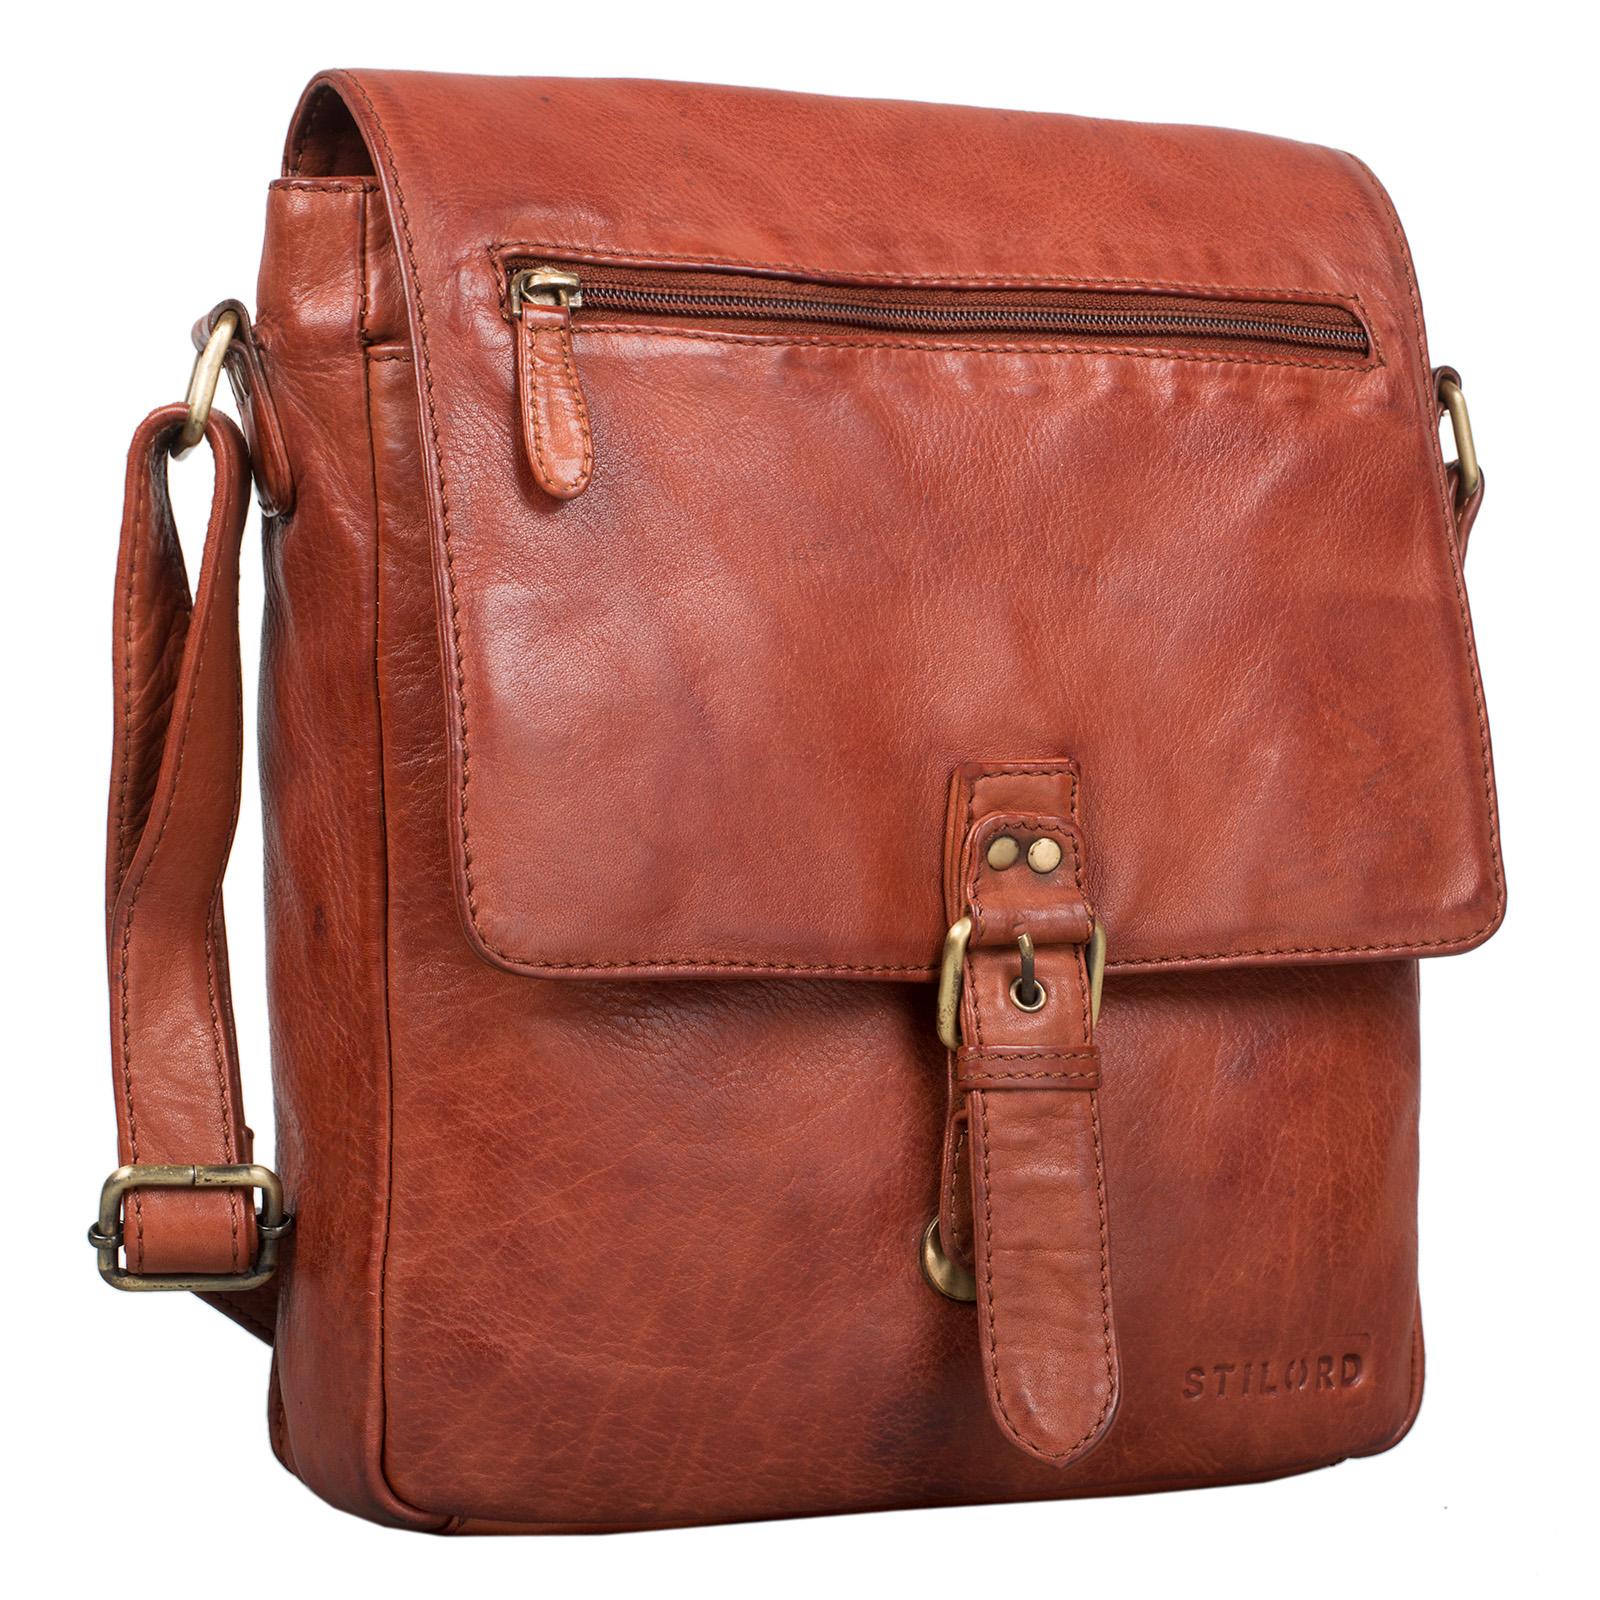 """STILORD """"Jonas"""" Vintage Herrentasche Leder braun Umhängetasche mit Reißverschluss Messenger Bag kleine Kuriertasche für 10,1 Zoll Tablet iPad echtes Leder - Bild 17"""